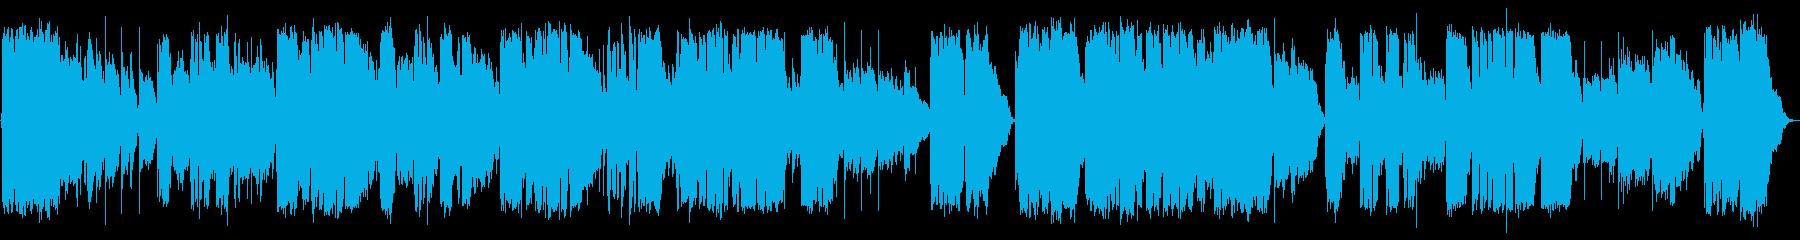 英語洋楽:ポール風・清楚な多声バラードの再生済みの波形